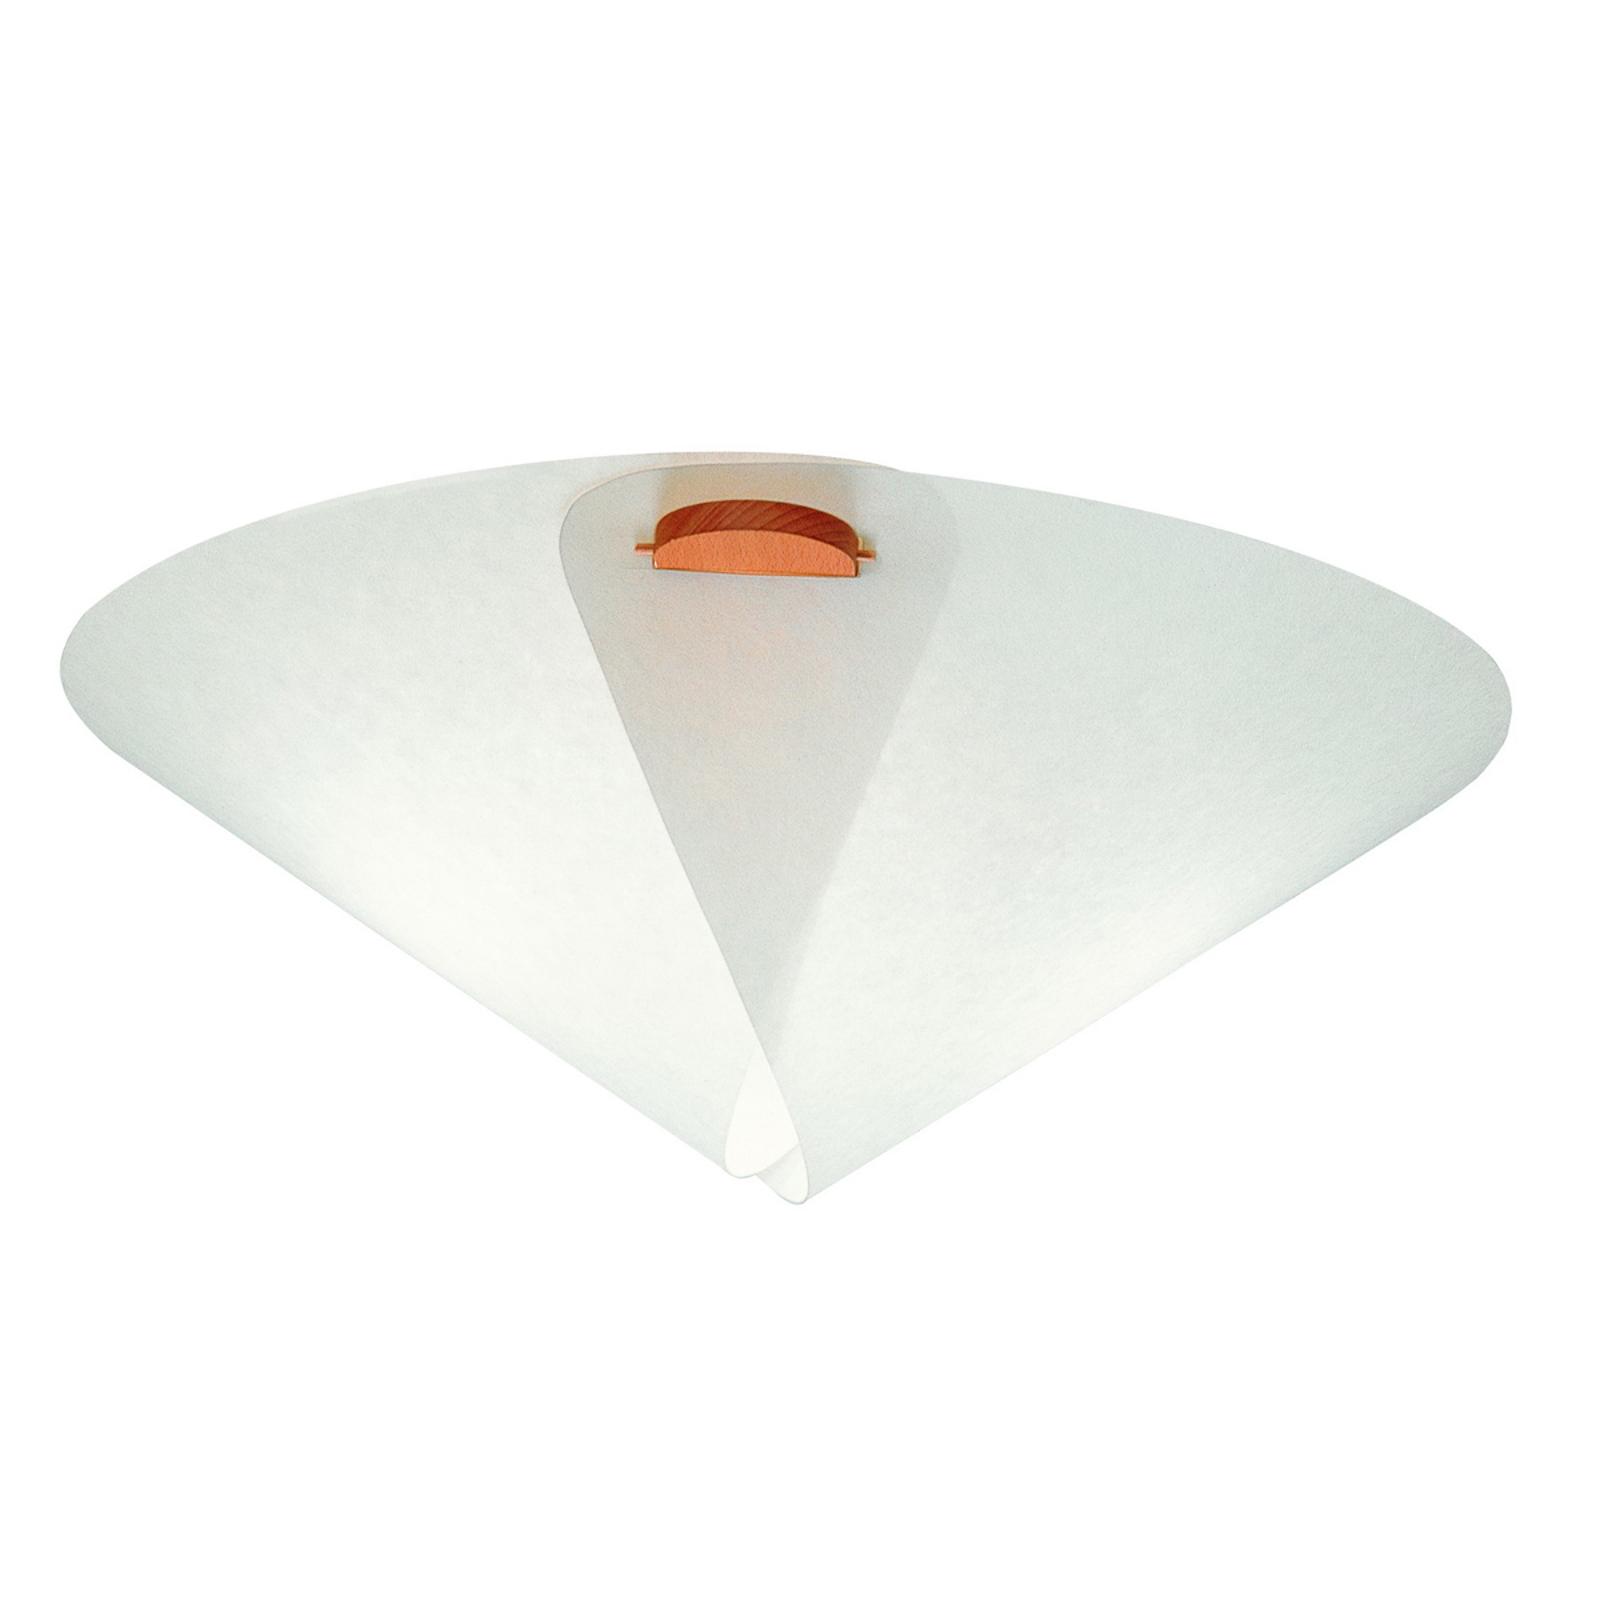 Plafondlamp IRIS